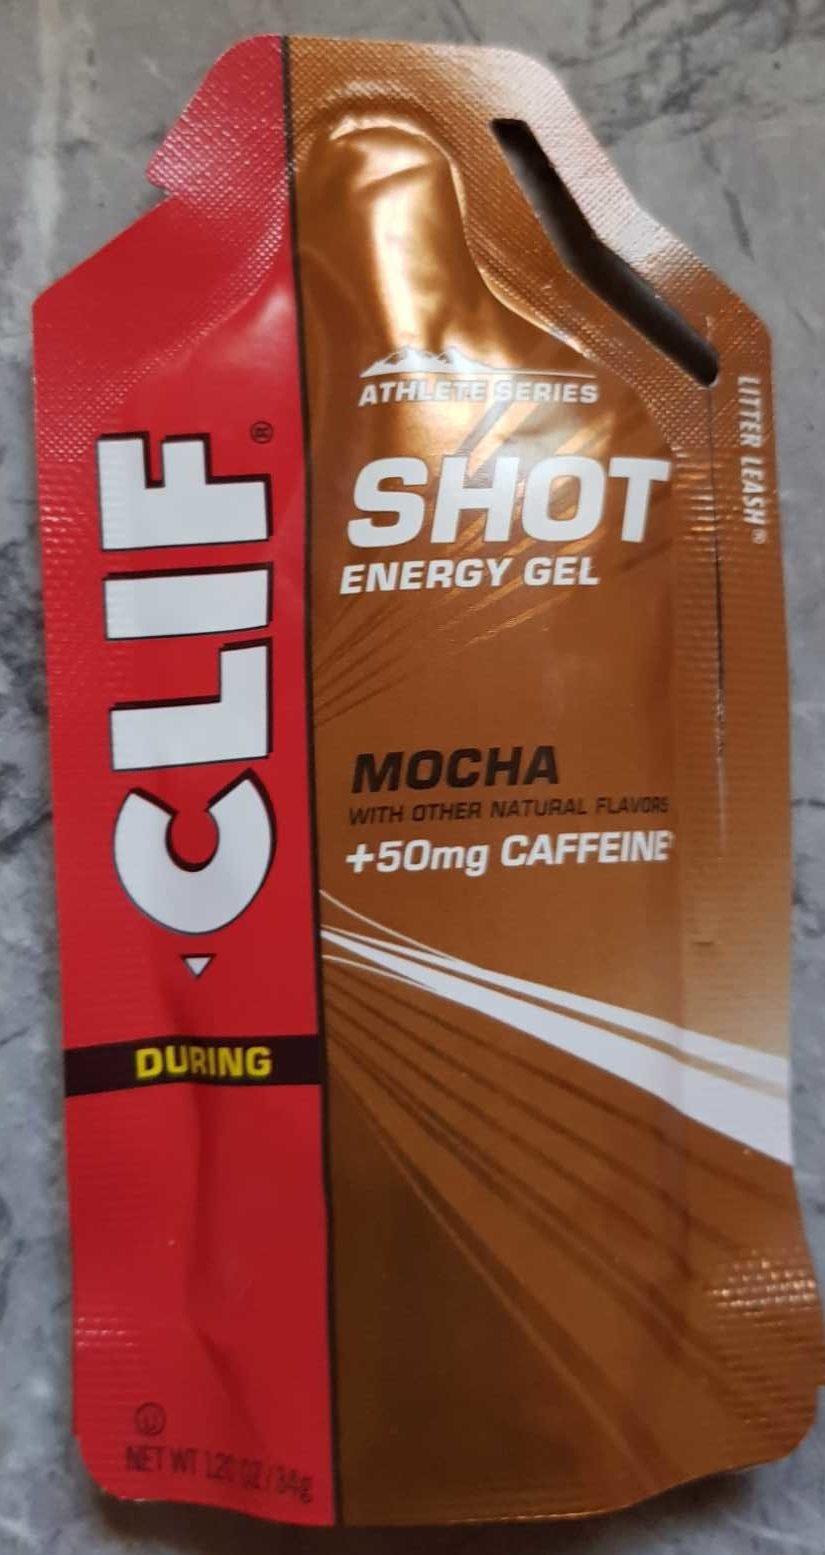 Shot Energy Gel Mocha - Product